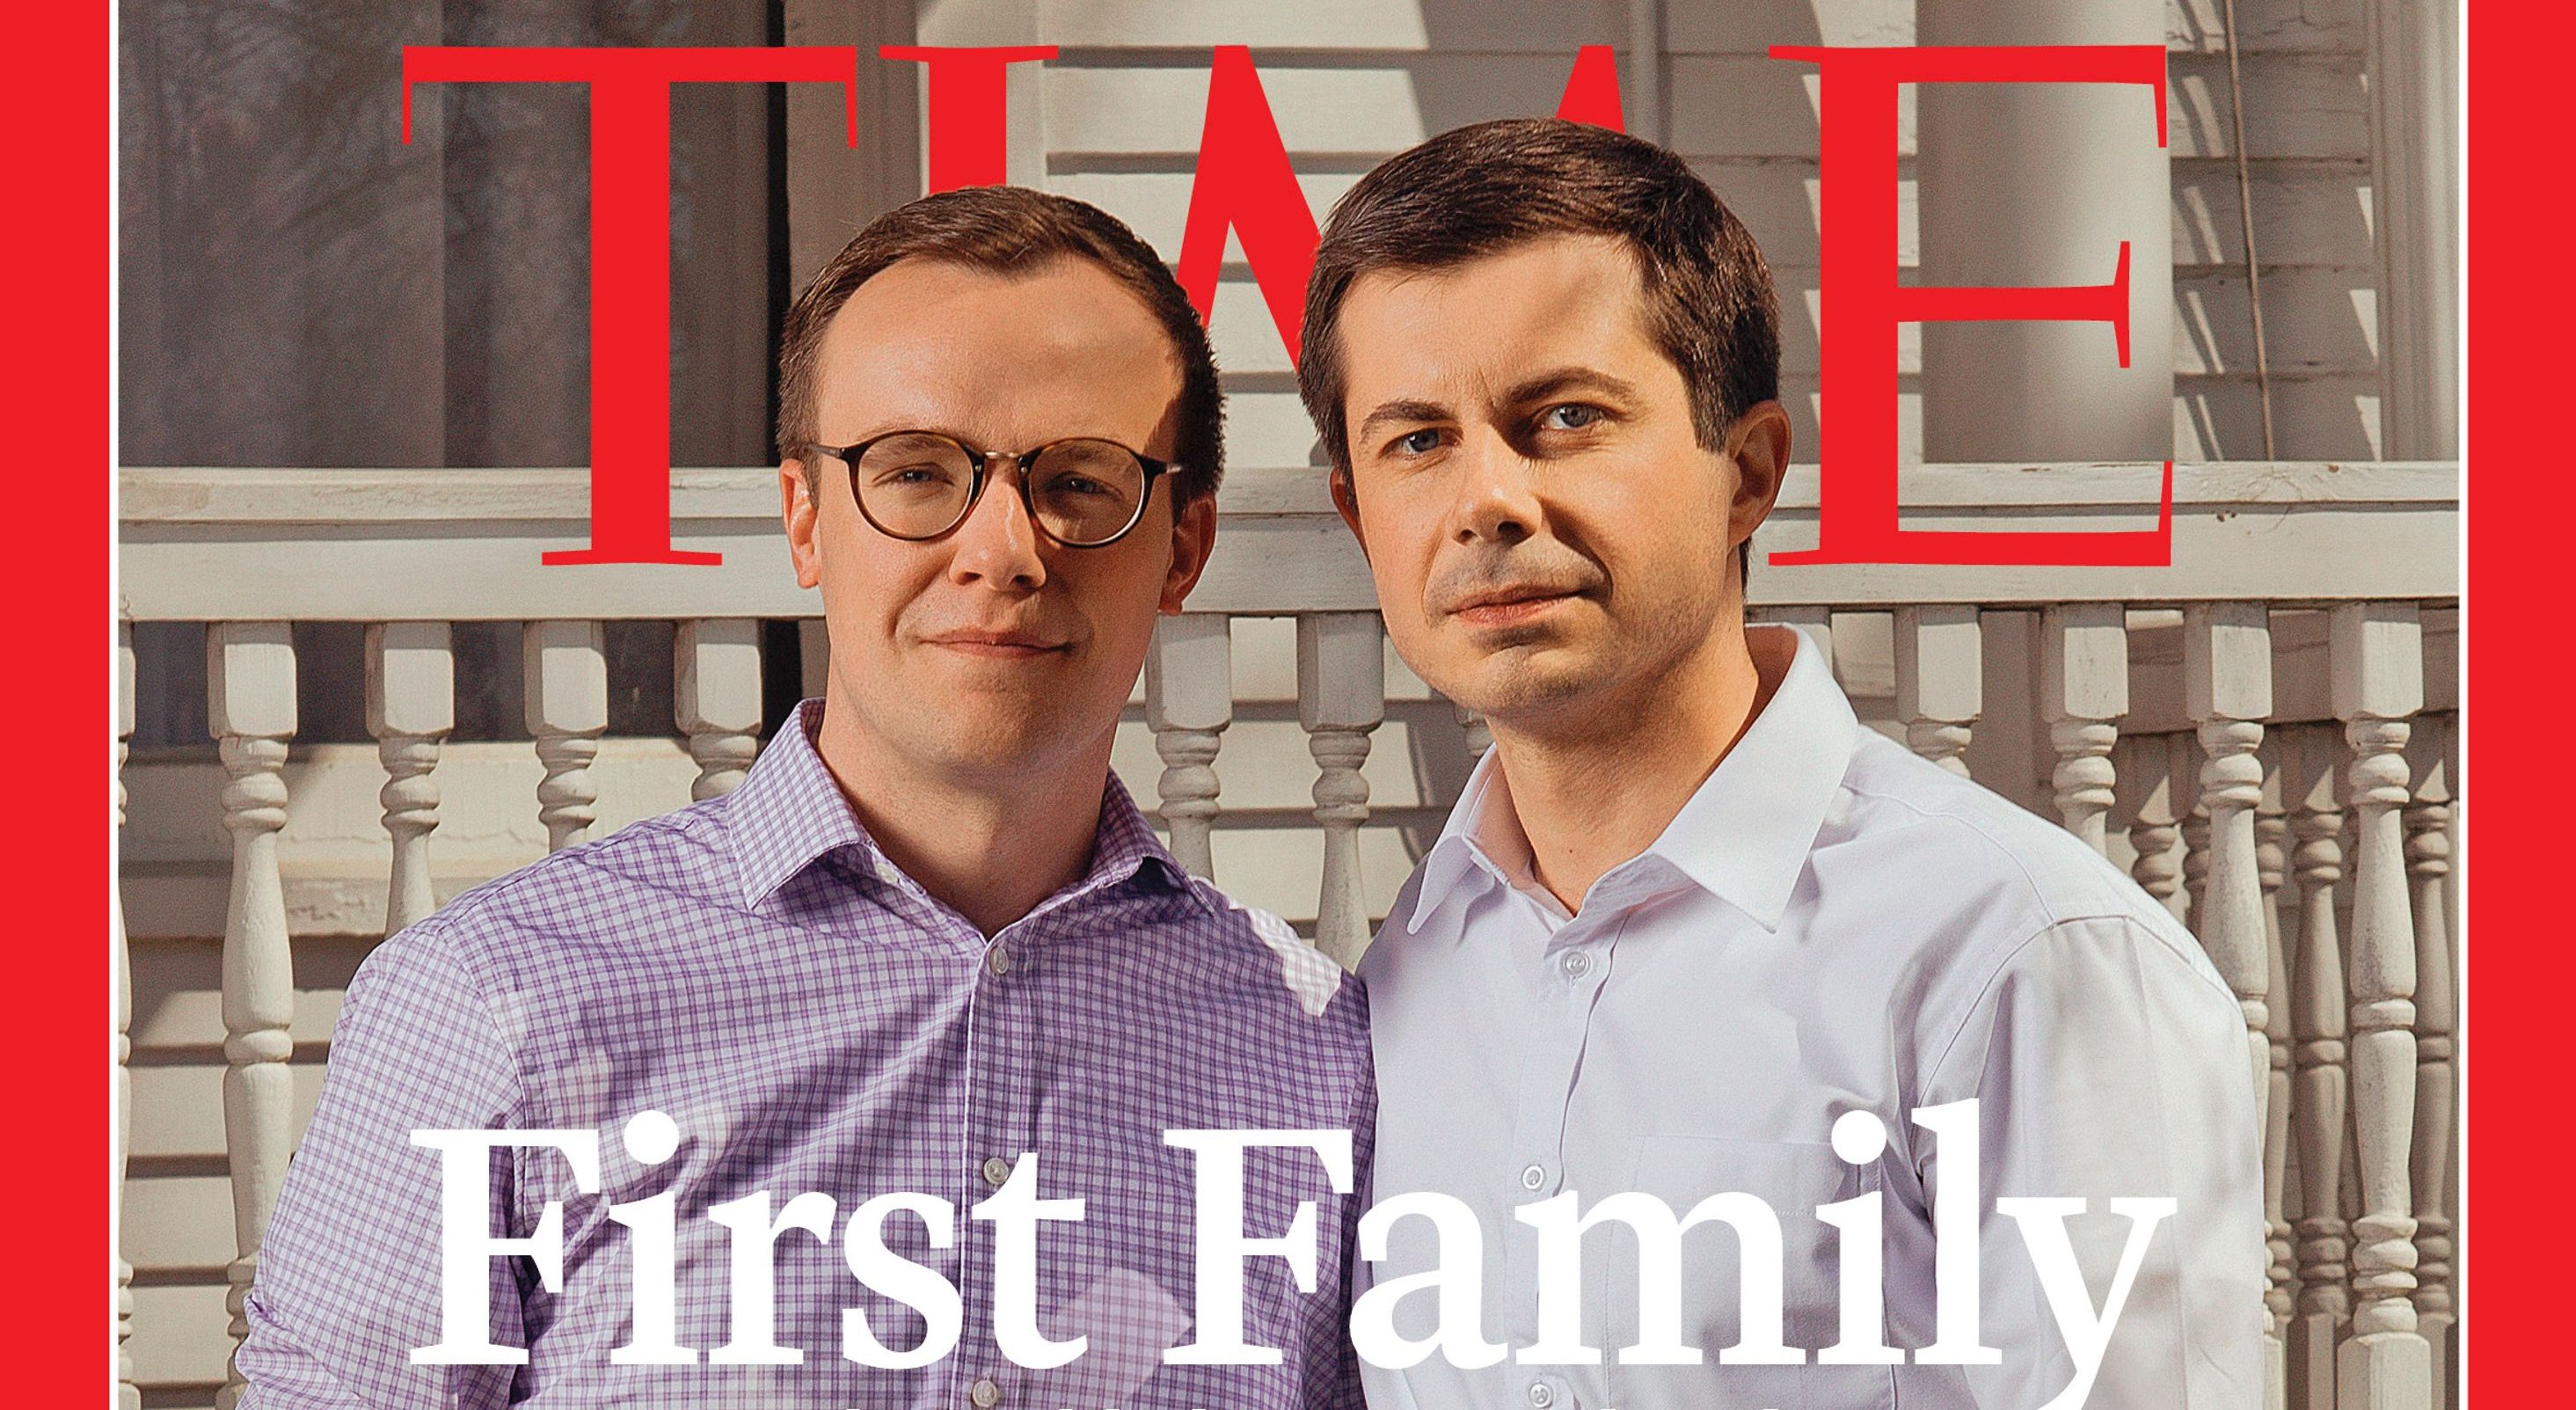 ABD'nin Gay Başkan Adayı Pete Buttigieg ve Eşi Time Dergisi'nin Kapağında Yer Aldı